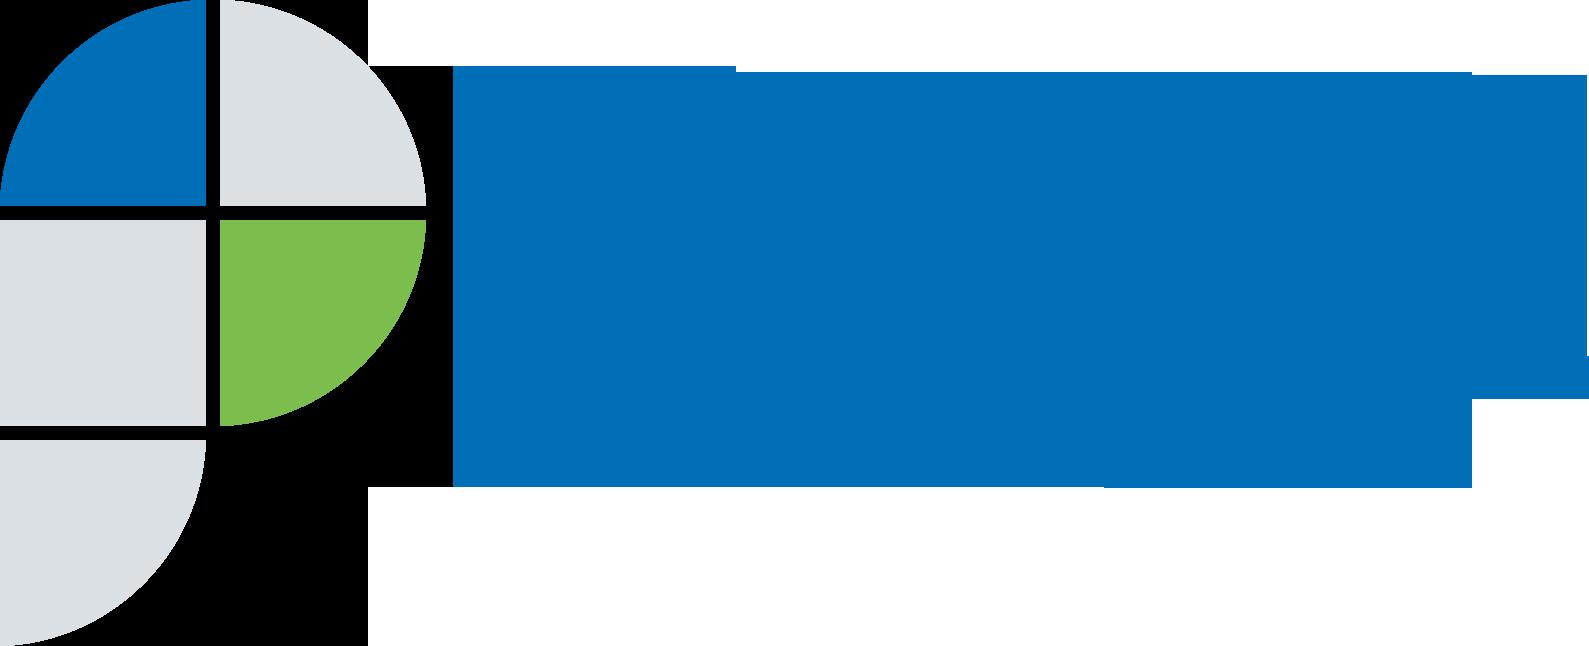 Парсер Россреестра (C#, Selenium Chrome Driver, Visual Studio, DaData, rosreestr.ru)